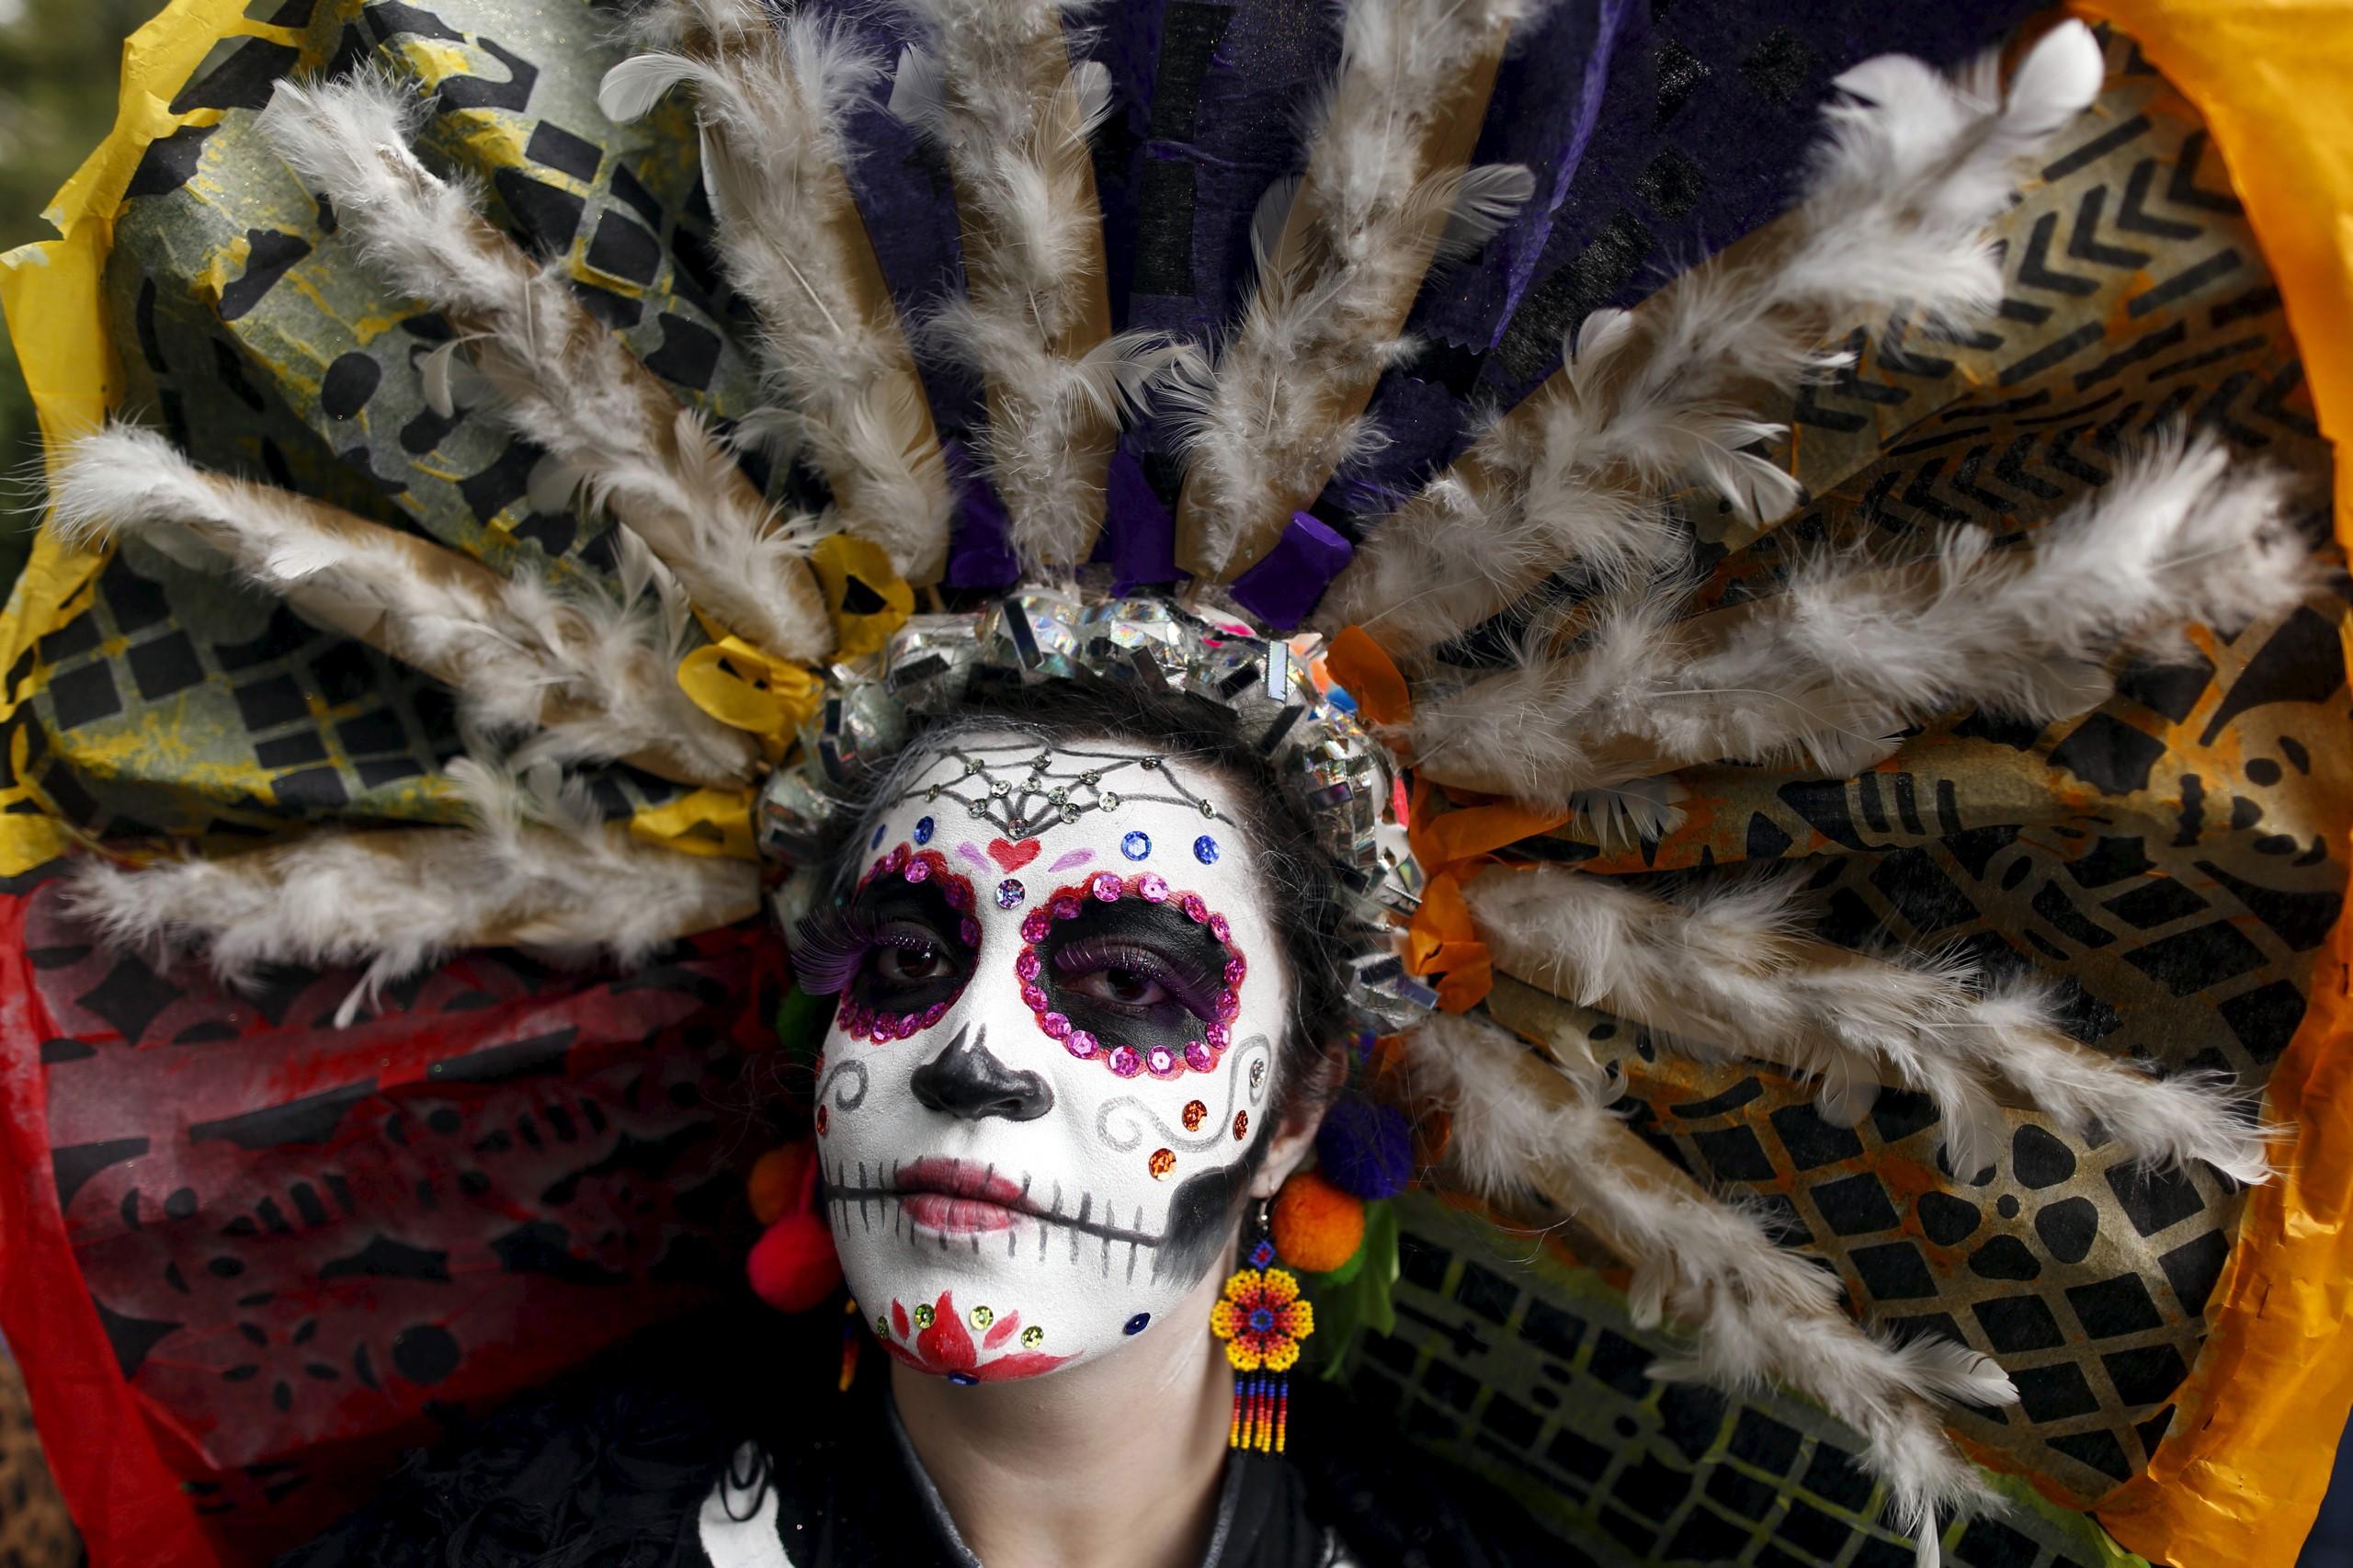 Même les plus petits peuvent avoir leur maquillage '' tête de mort '' mexicaine.